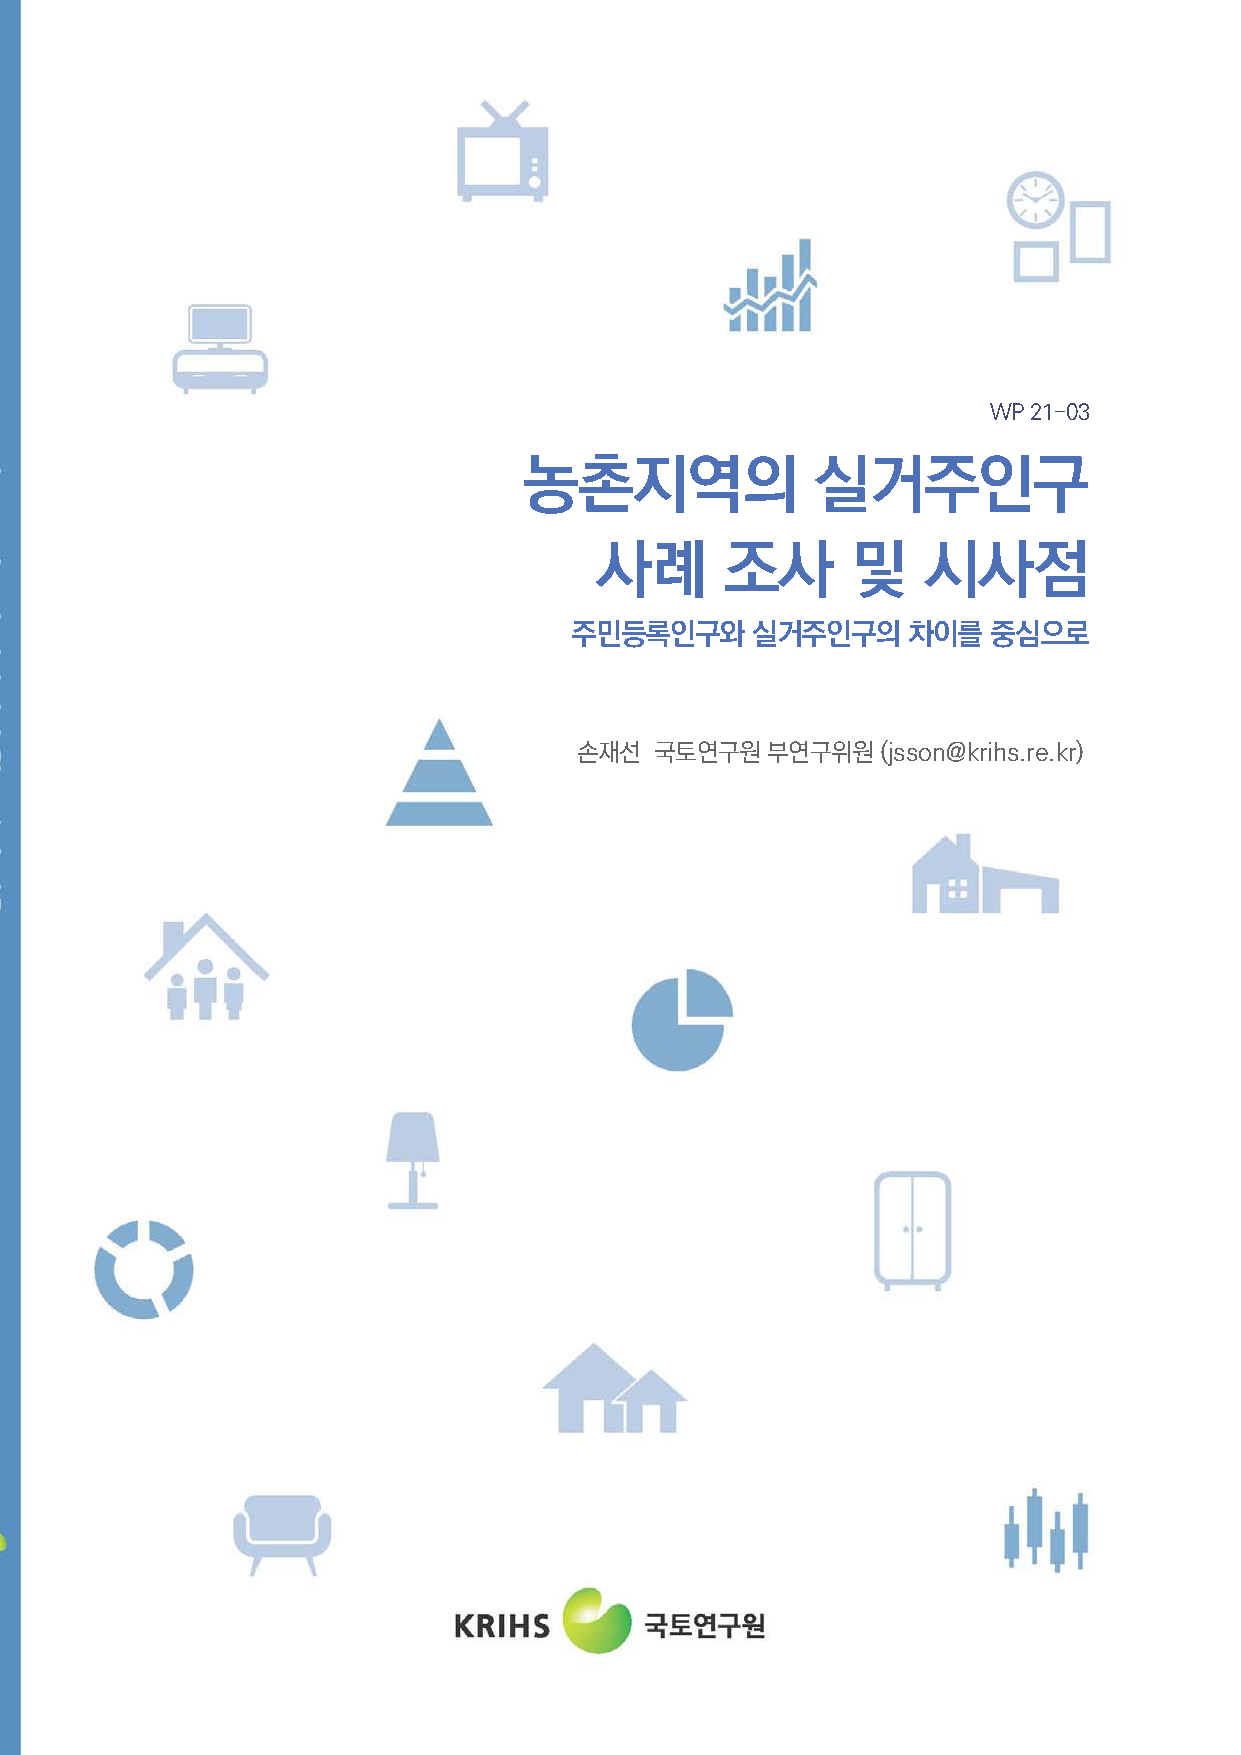 농촌지역의 실거주인구 사례 조사 및 시사점: 주민등록인구와 실거주인구의 차이를 중심으로표지